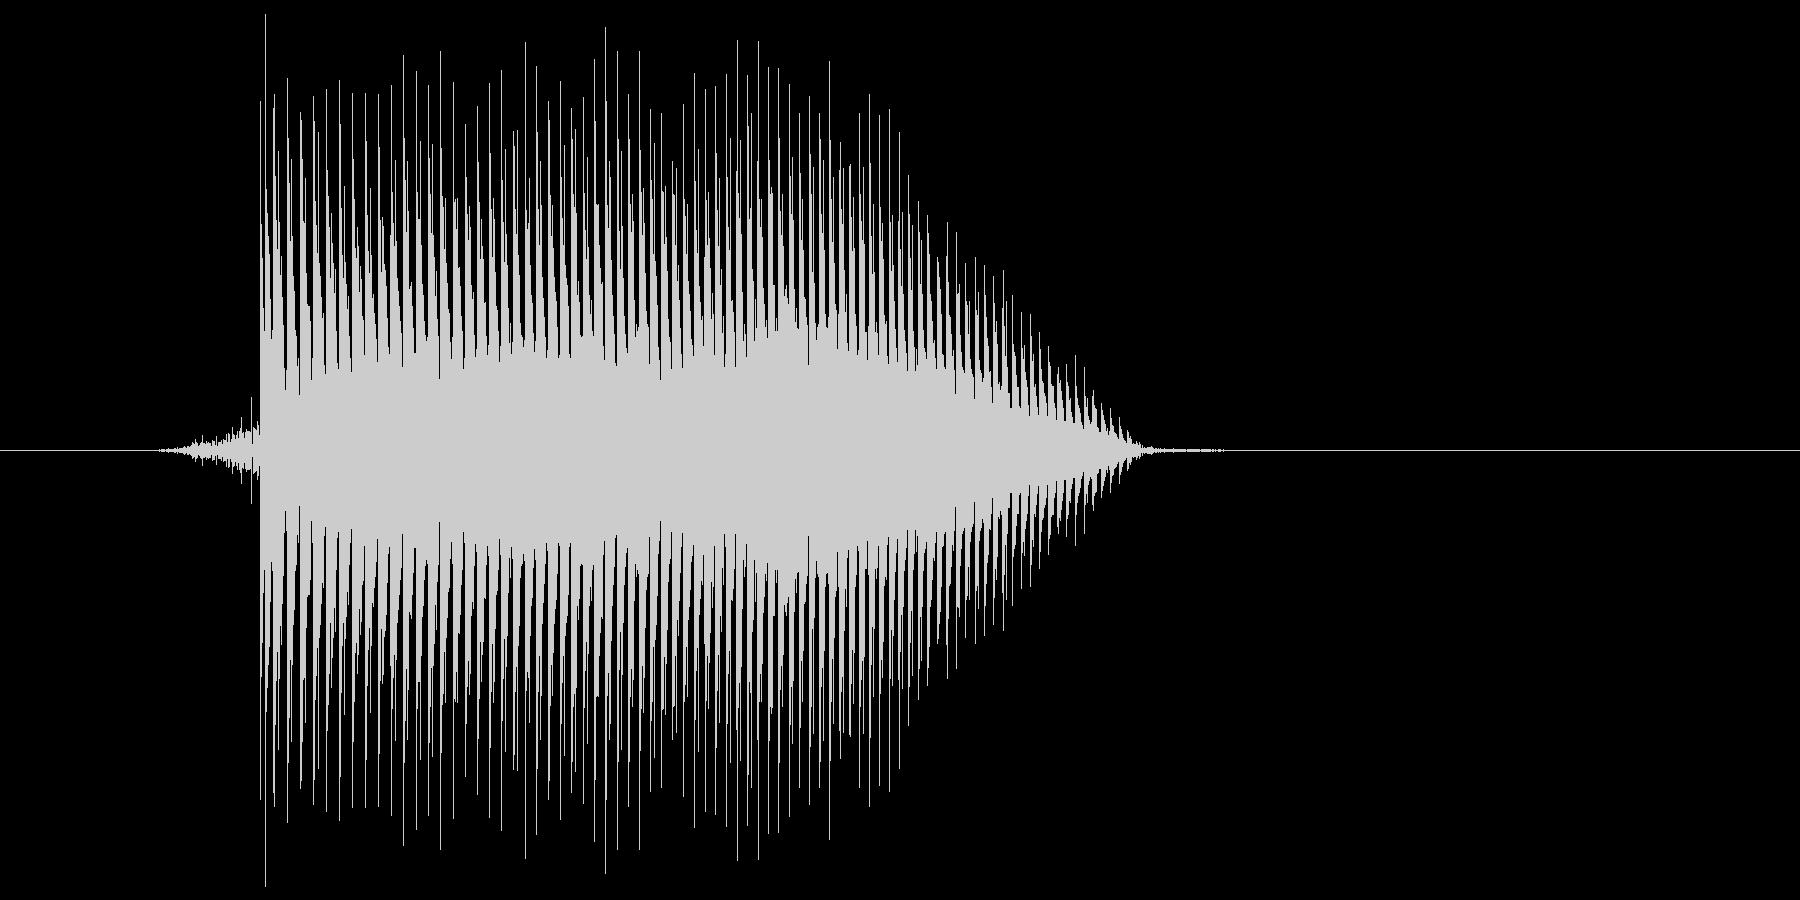 ゲーム(ファミコン風)ジャンプ音_027の未再生の波形